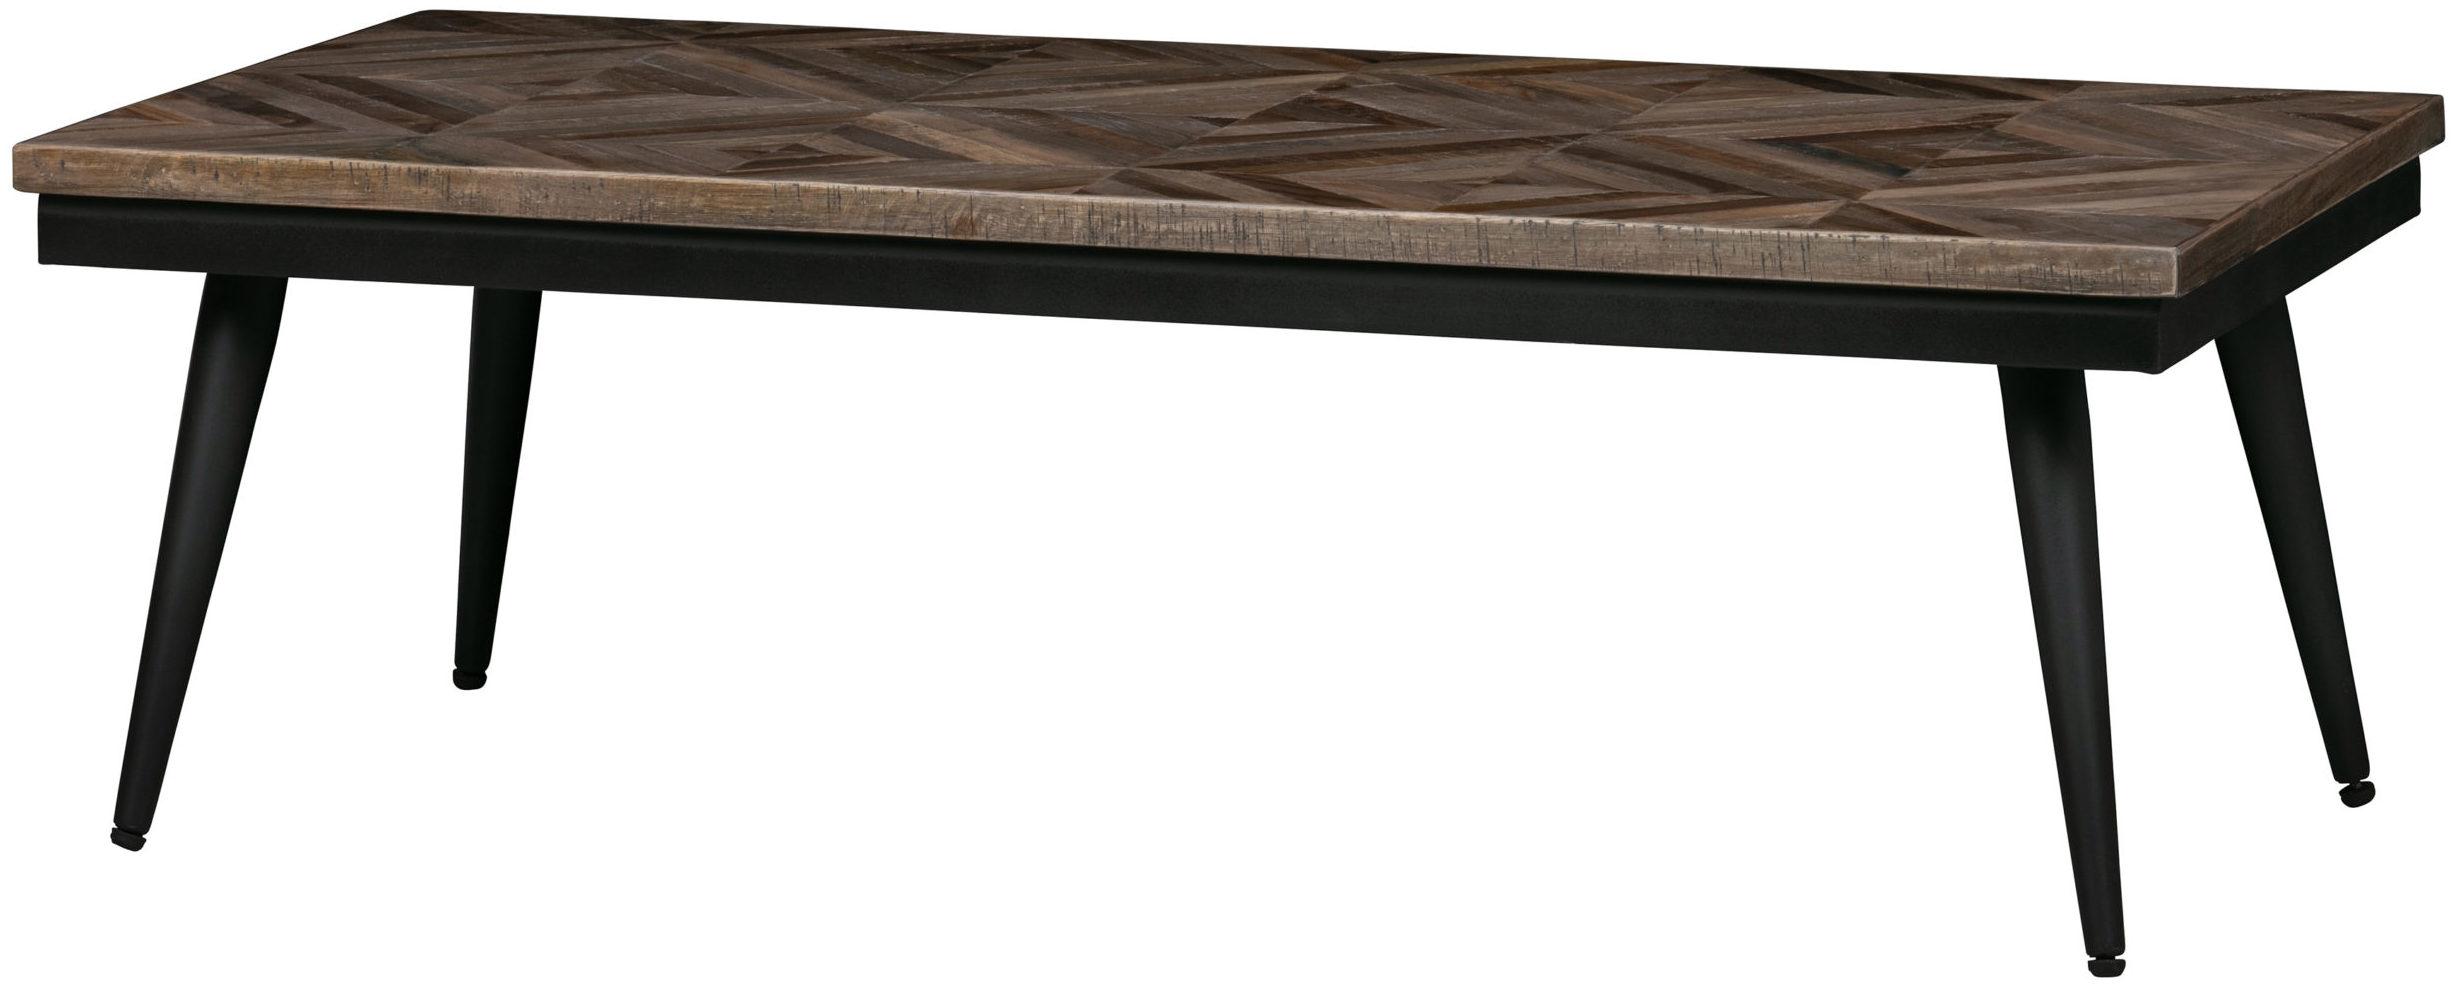 Rhombic Salontafel - 120x60cm - Hout/metaal